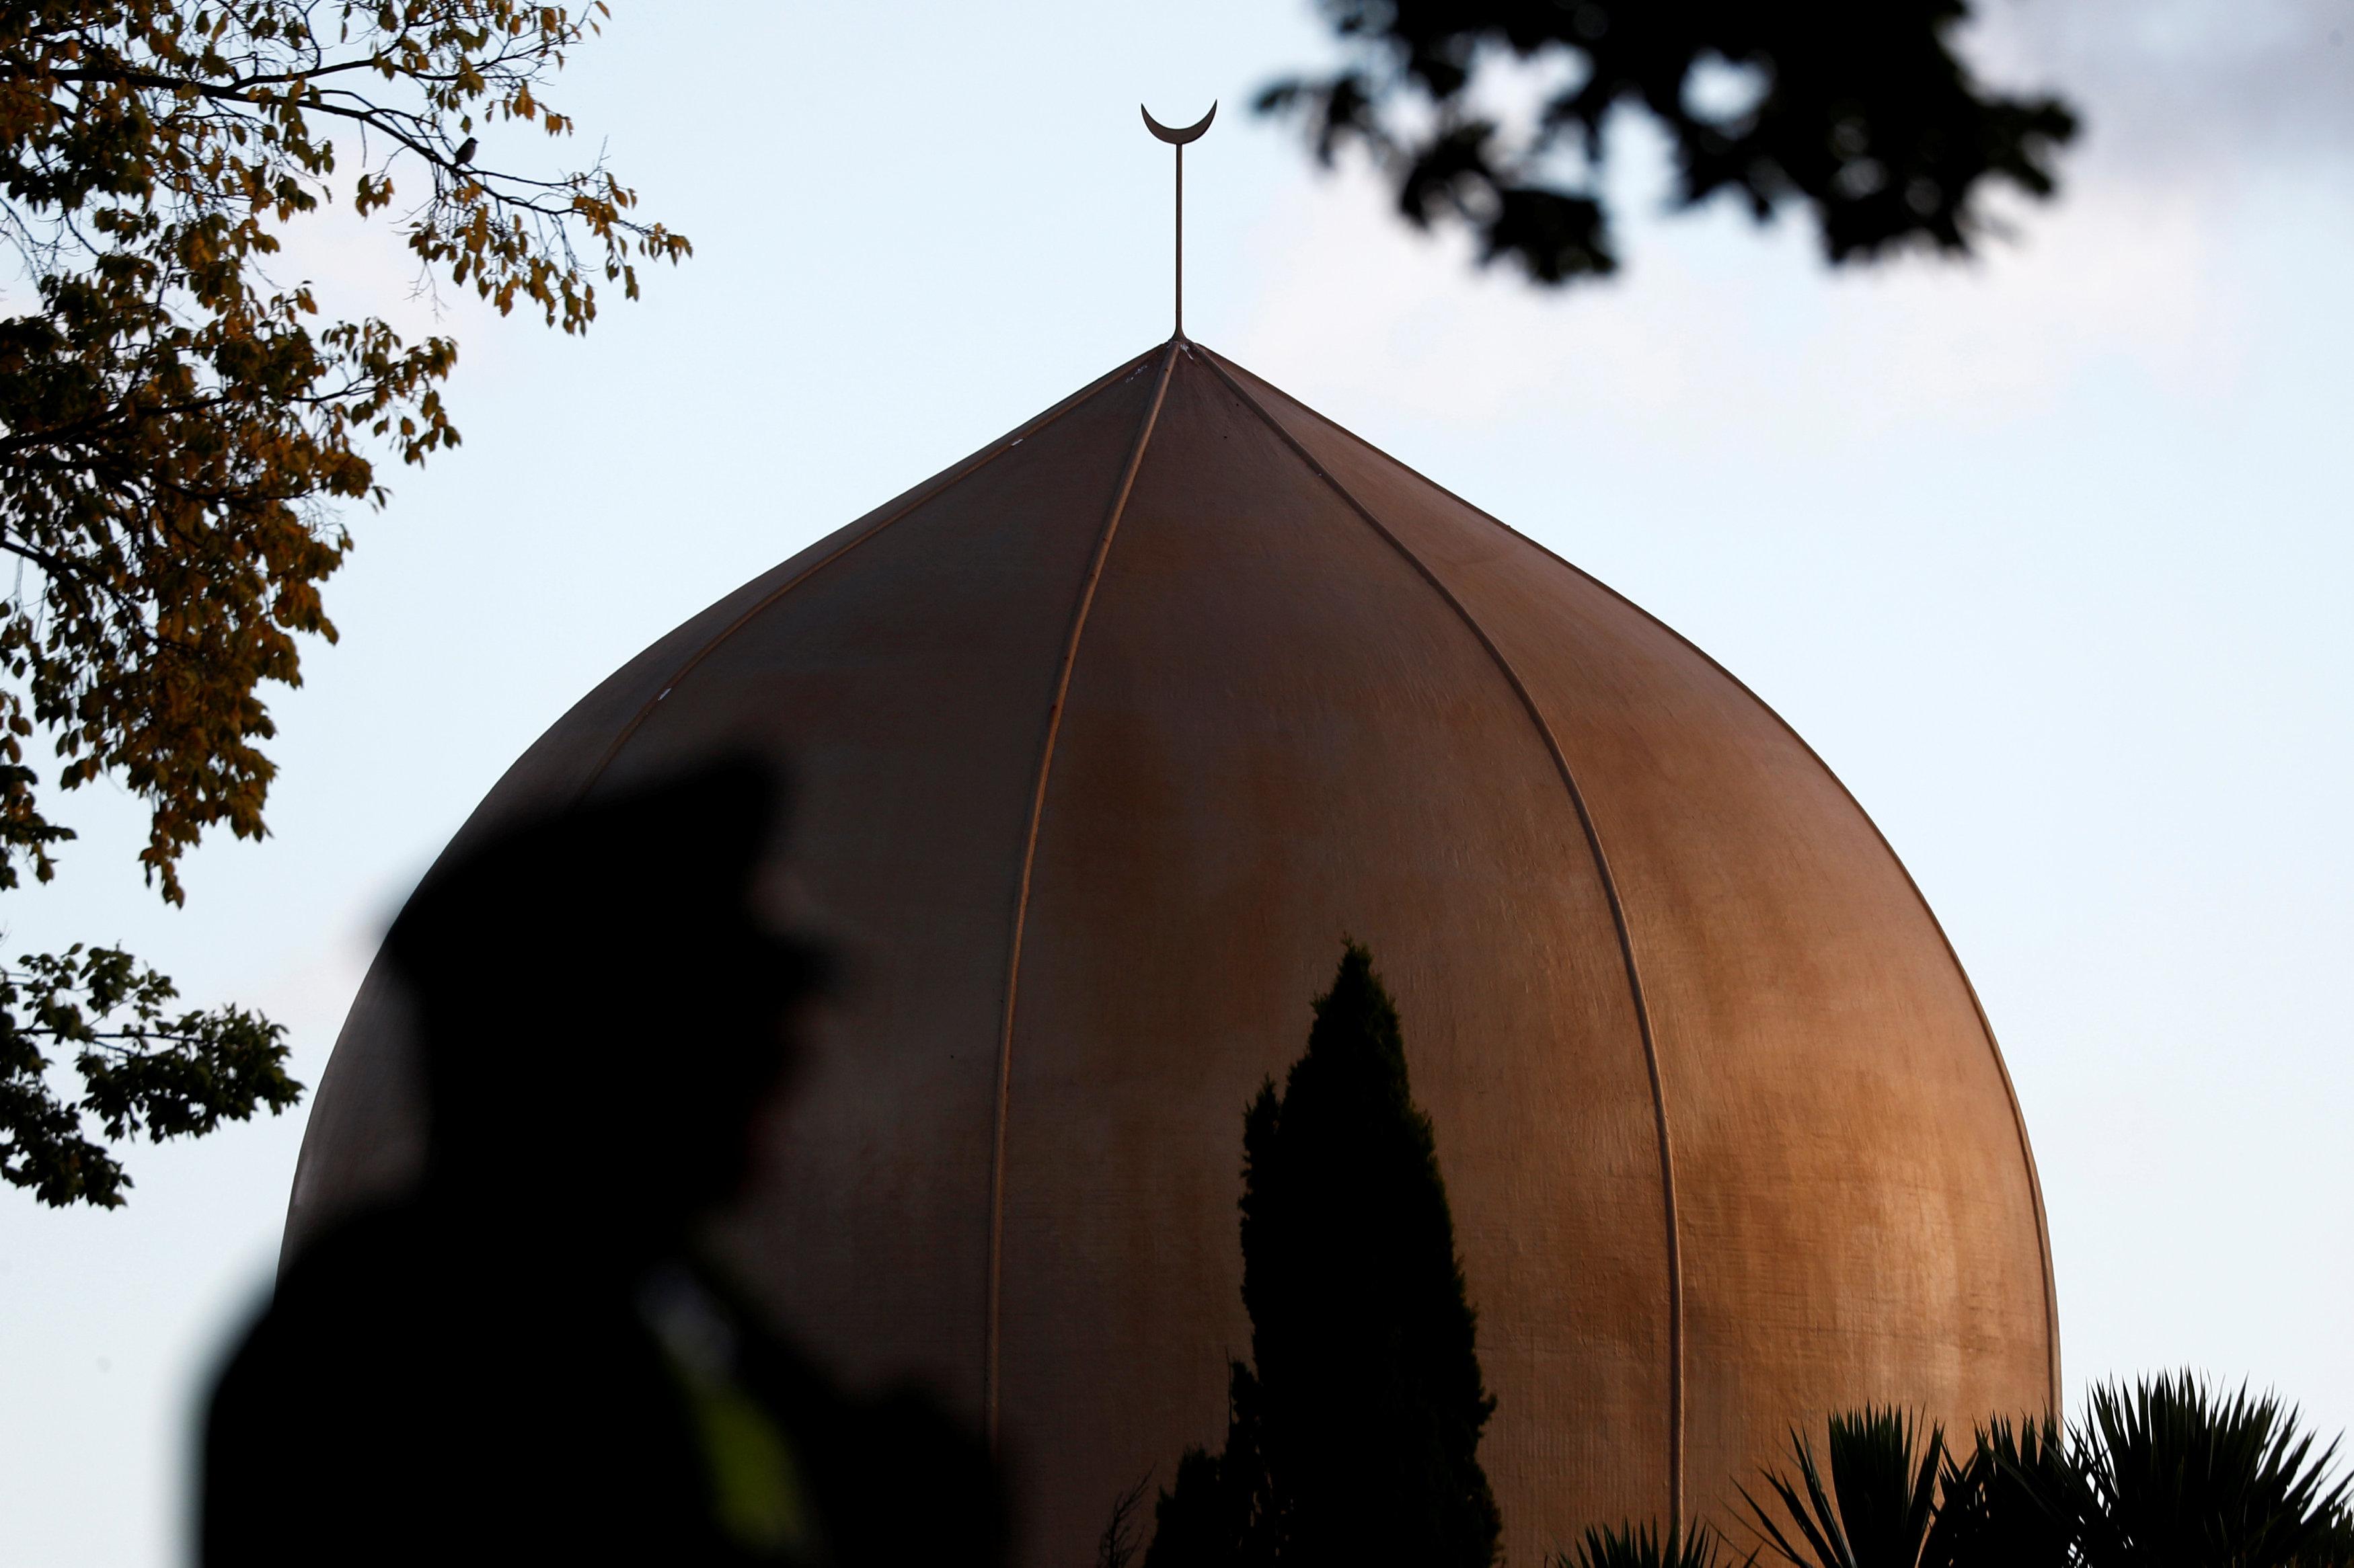 Vista de la cúpula de la Mezquita de Al Noor, ela ciudad neozelandesa de Christchurch objeto de un atentado por ultraderechistas. REUTERS/Edgar Su